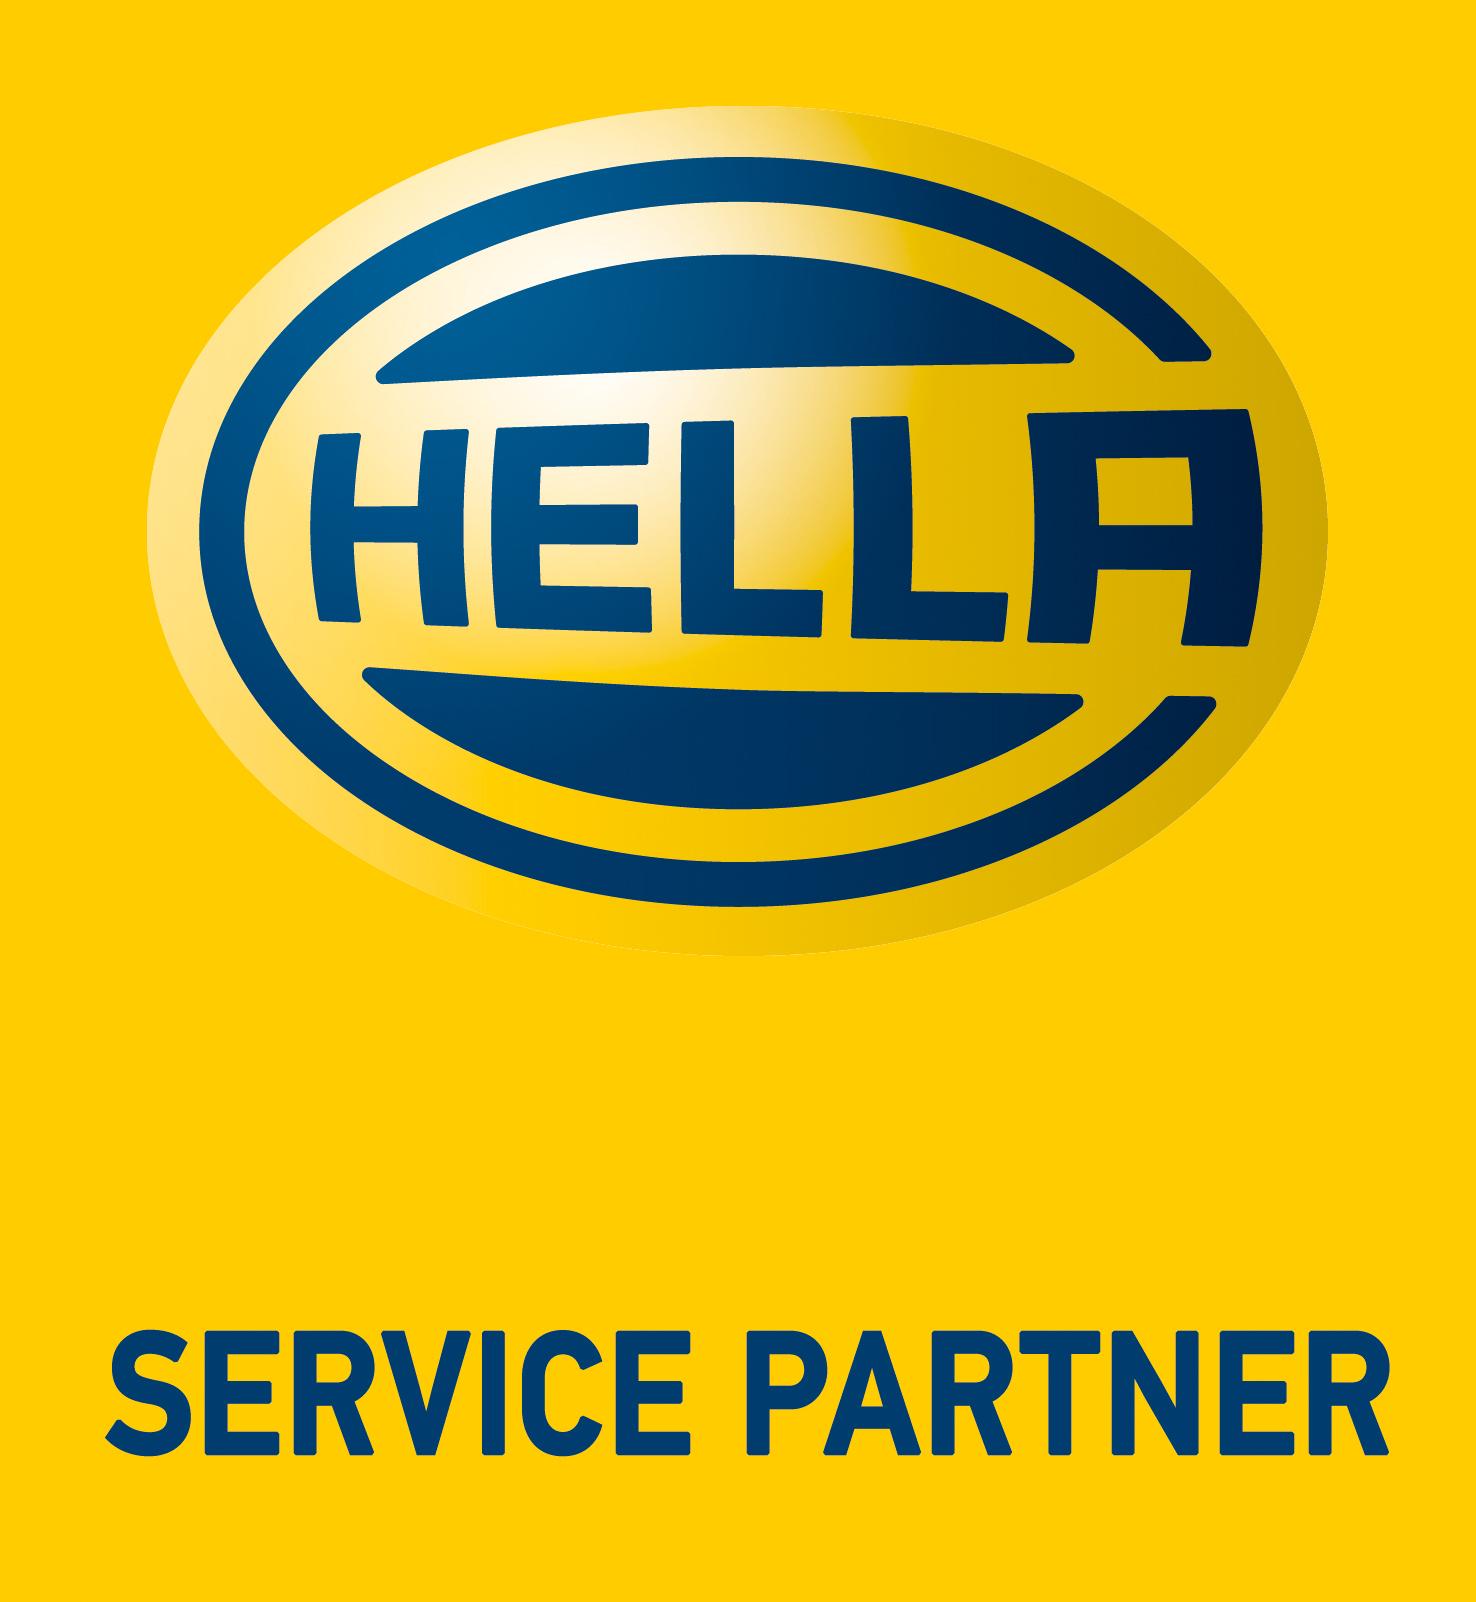 Dueholm Biler - Hella Service Partner logo